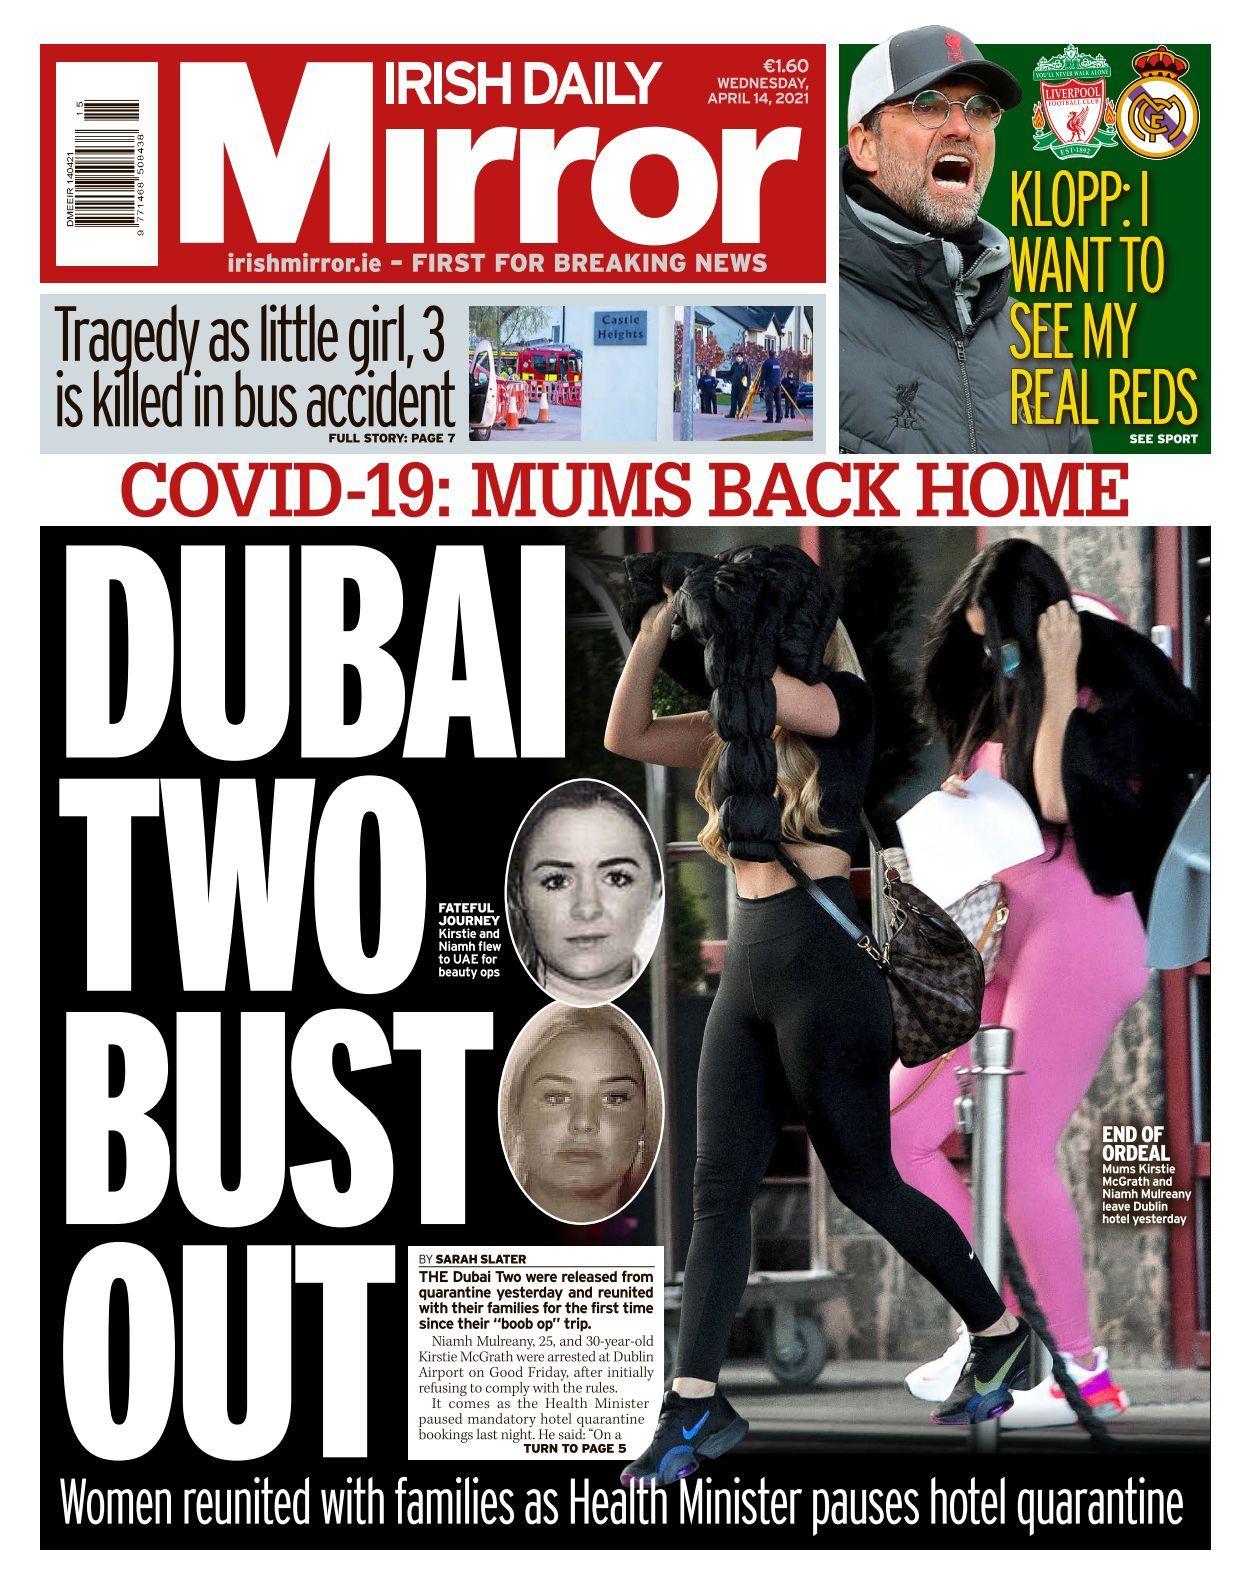 22 Irish Daily Mirror   10 10 10